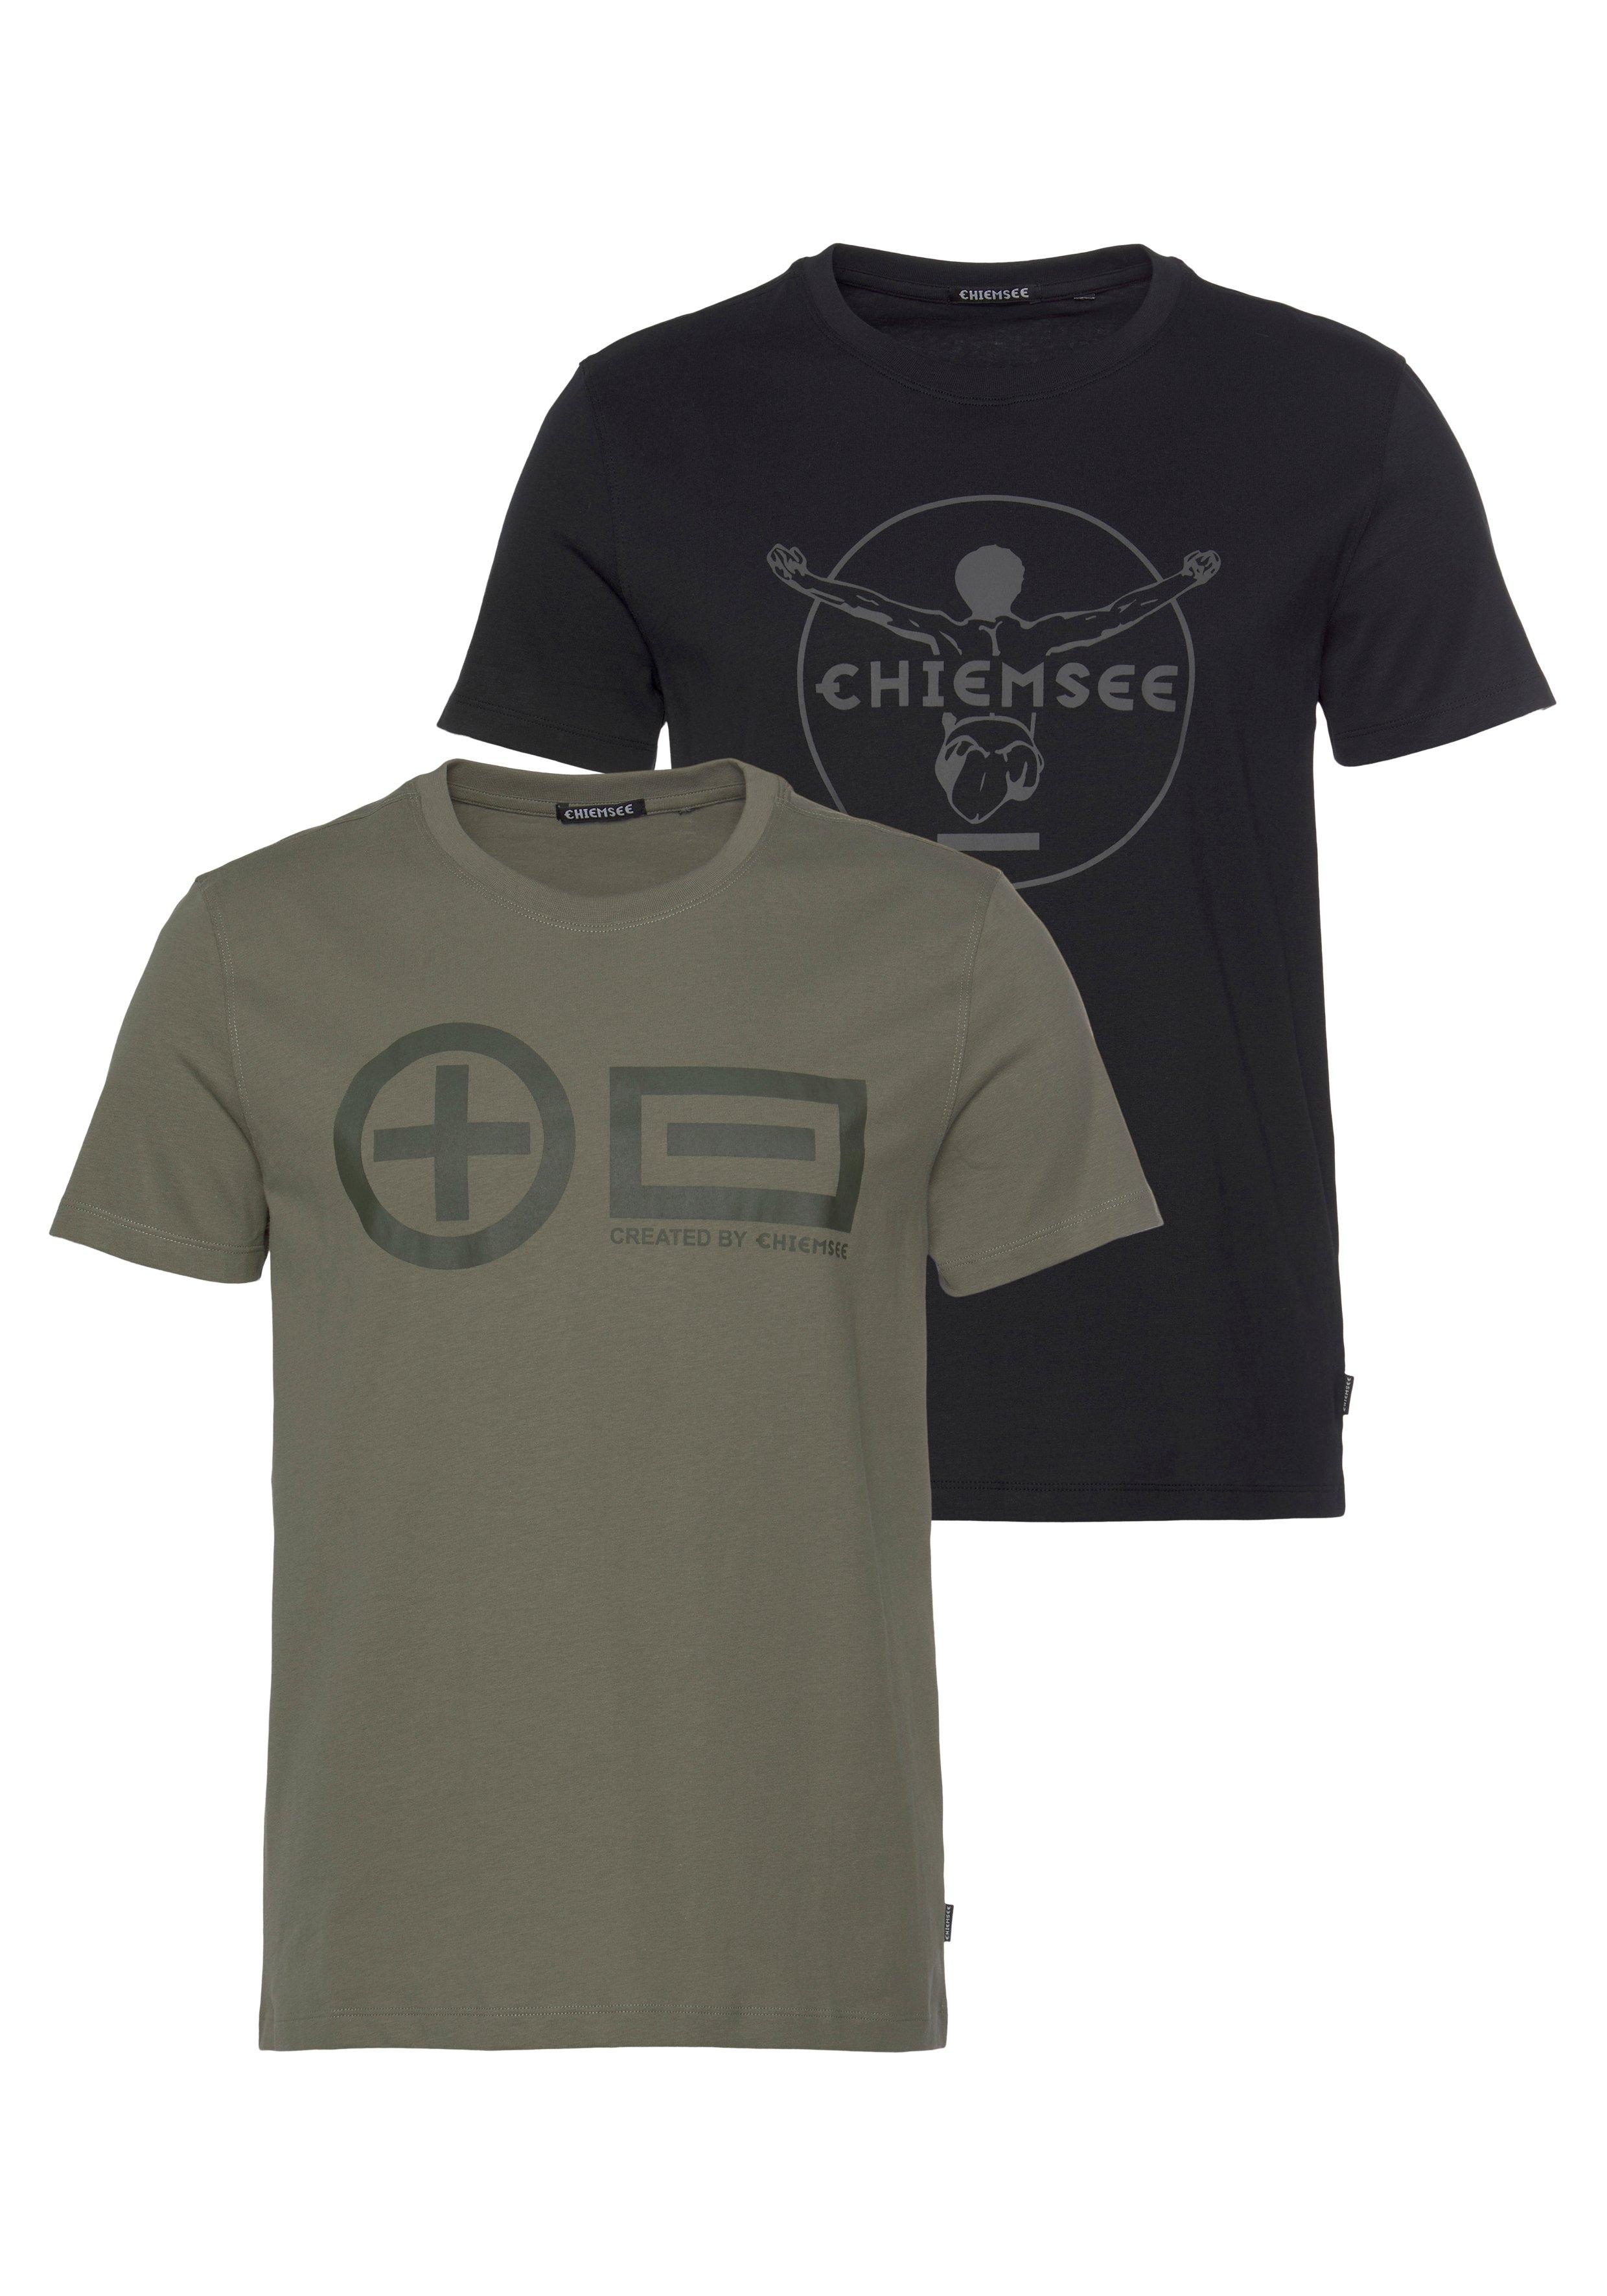 Chiemsee T-shirt (Set van 2) - gratis ruilen op otto.nl